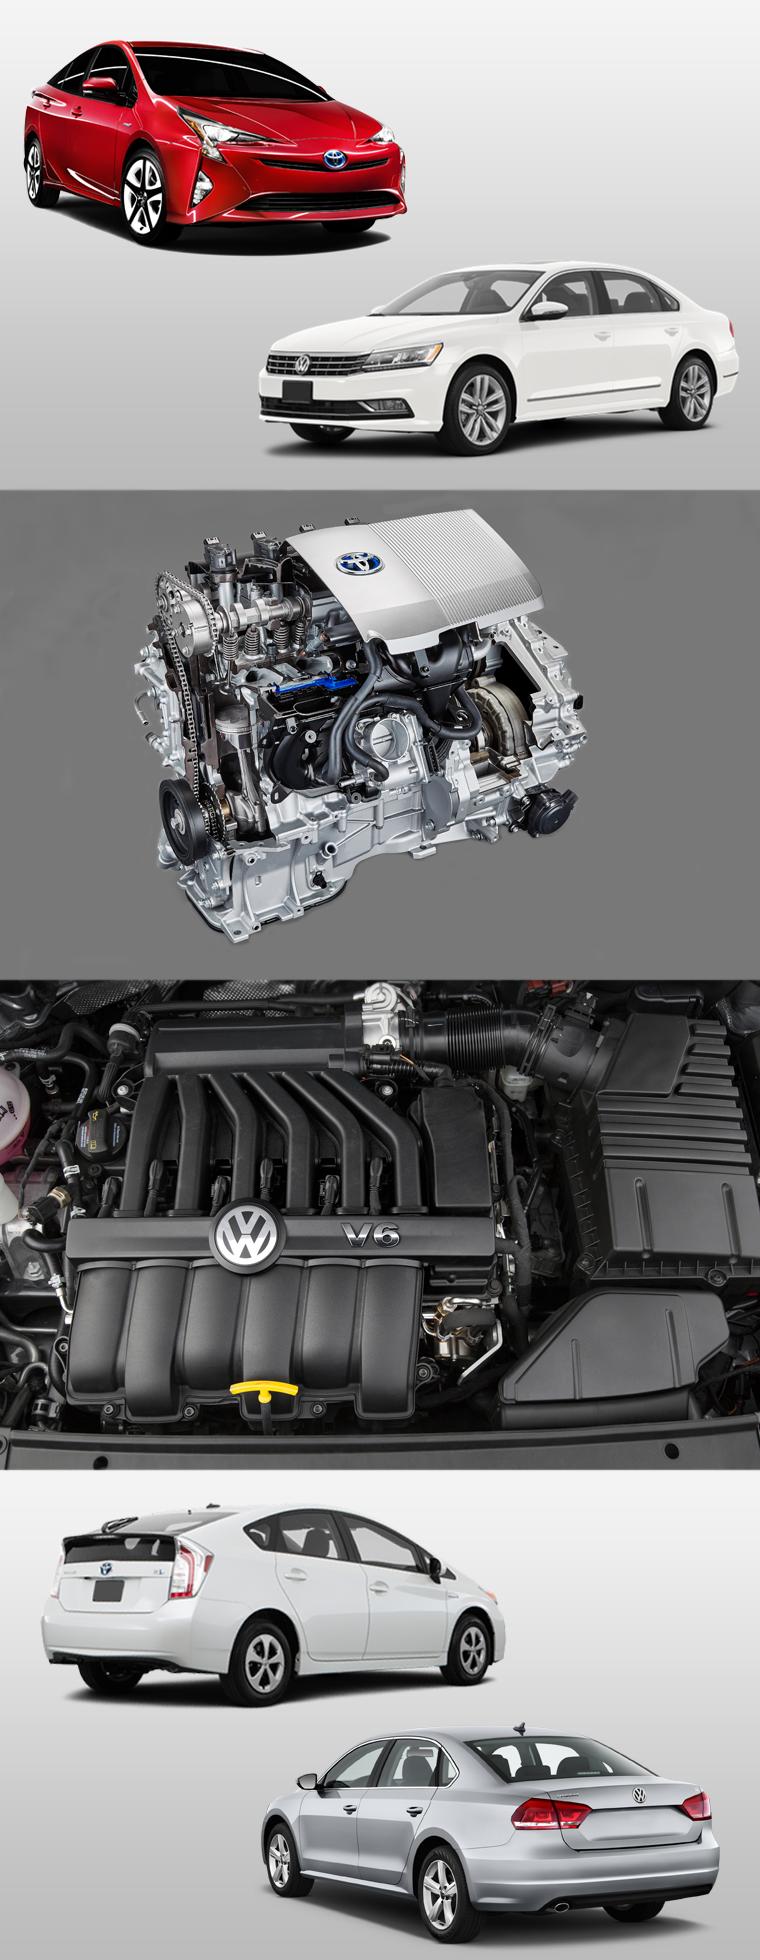 Volkswagen Passat vs. Toyota Prius. Which is Best? Let's